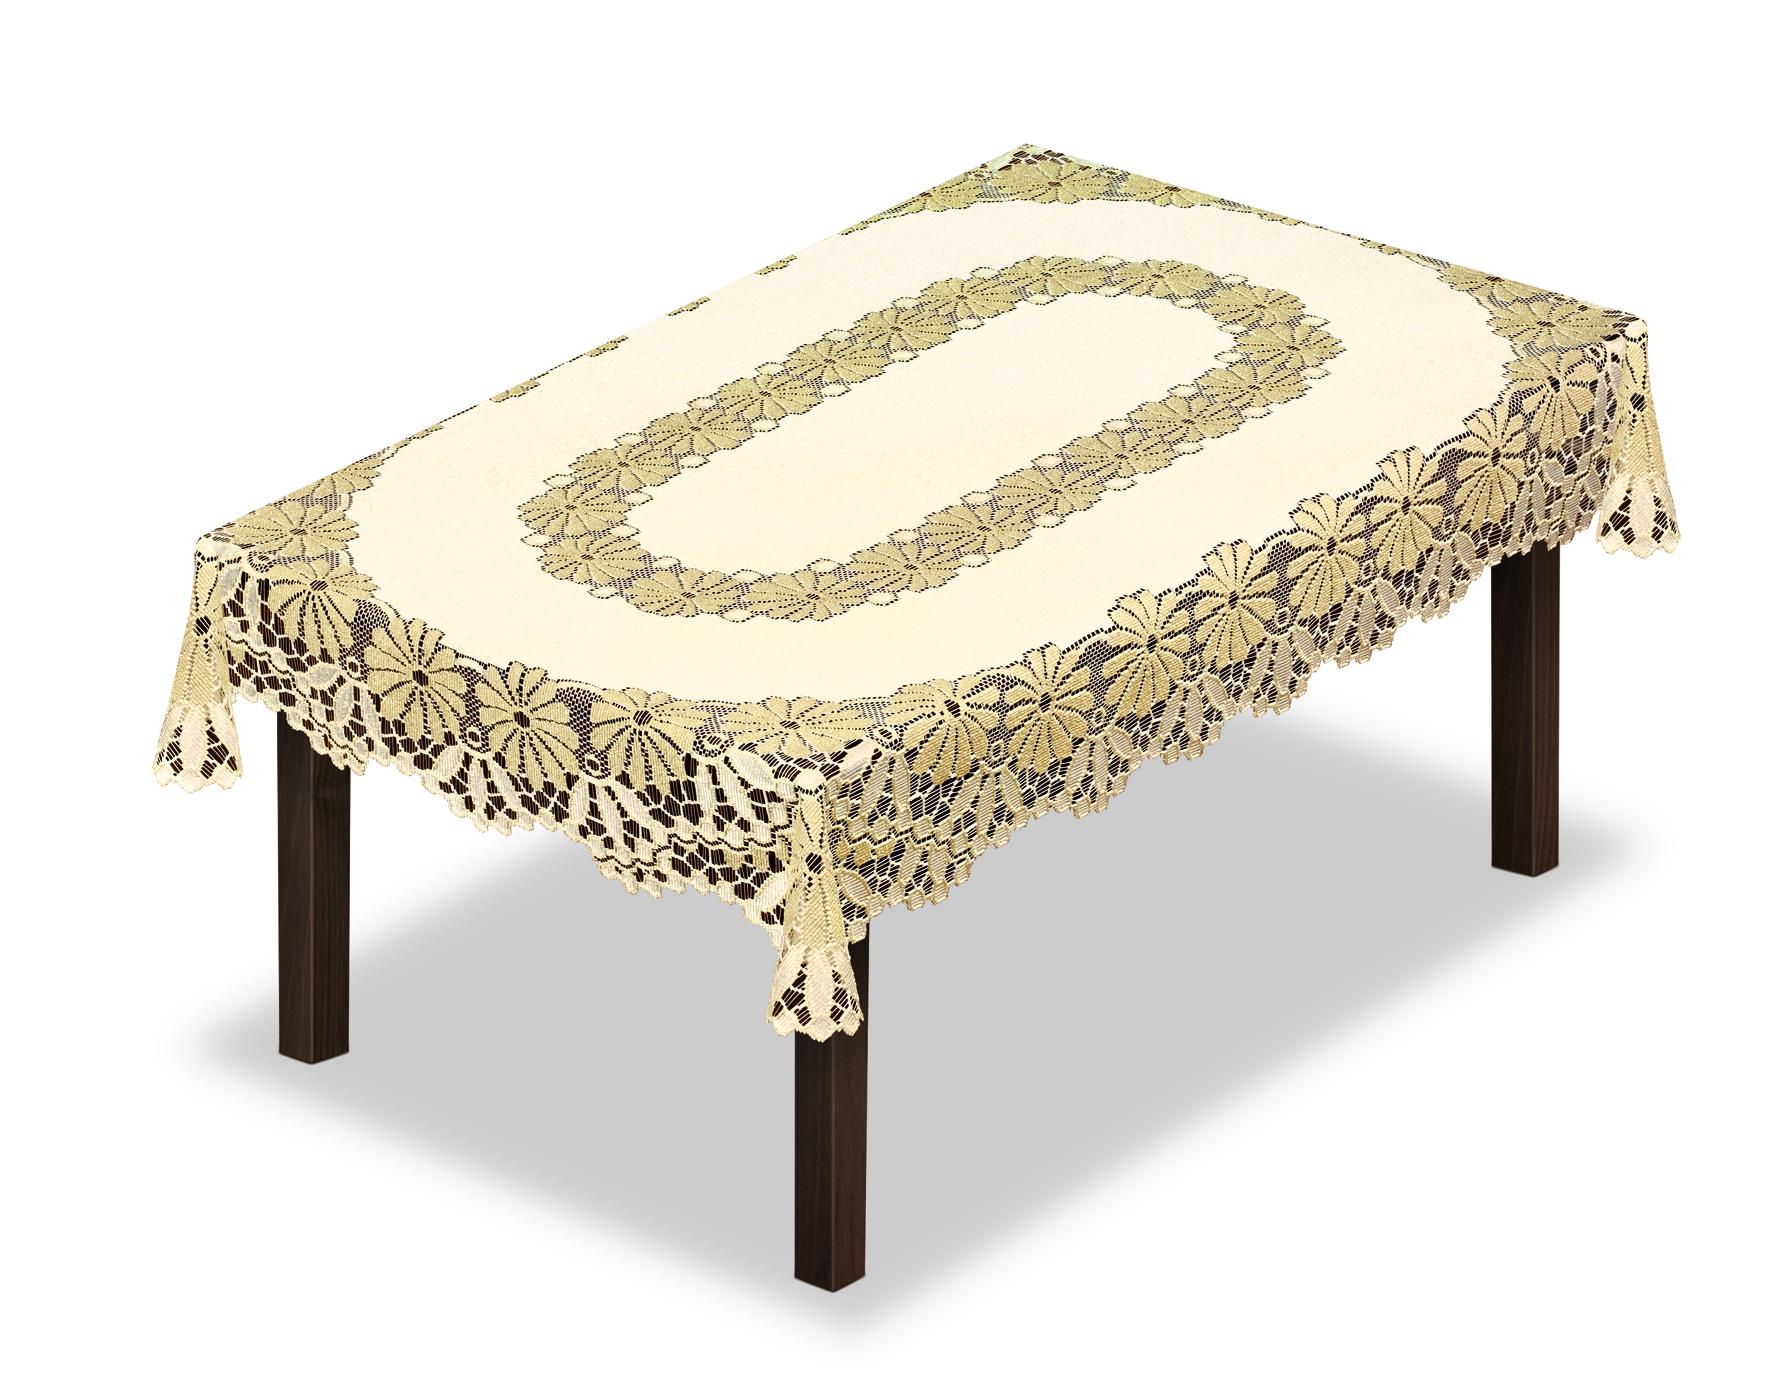 Скатерть Haft, прямоугольная, цвет: кремовый, золотистый, 100 х 150 см. 22870980019Великолепная скатерть Haft, выполненная из полиэстера, органично впишется в интерьер любого помещения, а оригинальный дизайн удовлетворит даже самый изысканный вкус.Скатерть Haft создаст праздничное настроение и станет прекрасным дополнением интерьера гостиной, кухни или столовой.